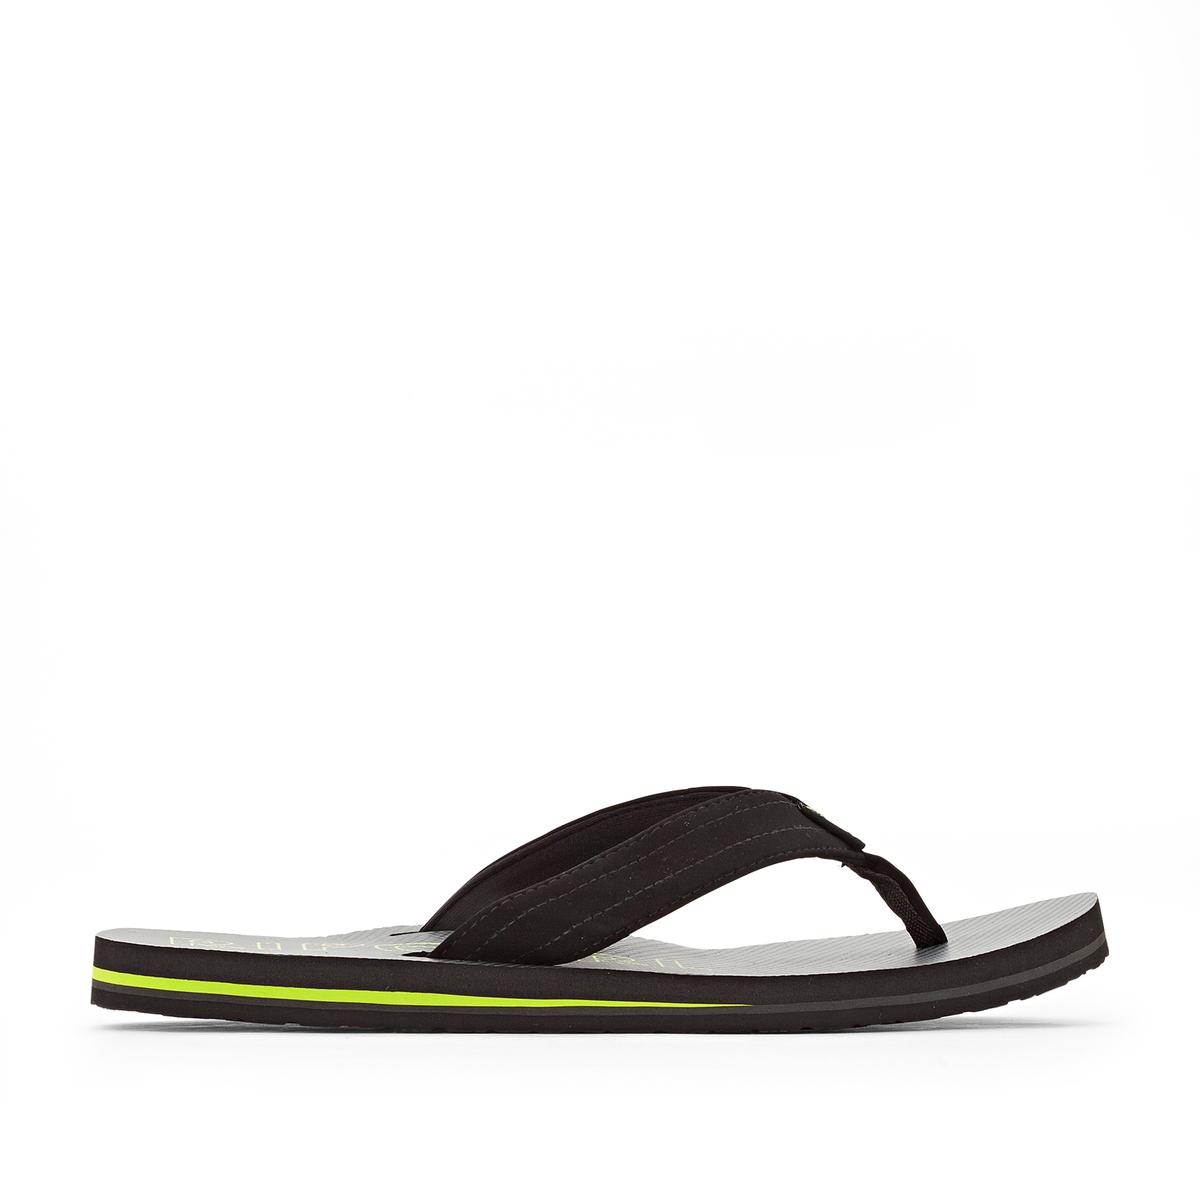 Вьетнамки Ripper+Верх/Голенище : синтетика   Стелька : синтетика   Подошва : каучук   Форма каблука : плоский каблук   Мысок : открытый мысок   Застежка : без застежки<br><br>Цвет: черный